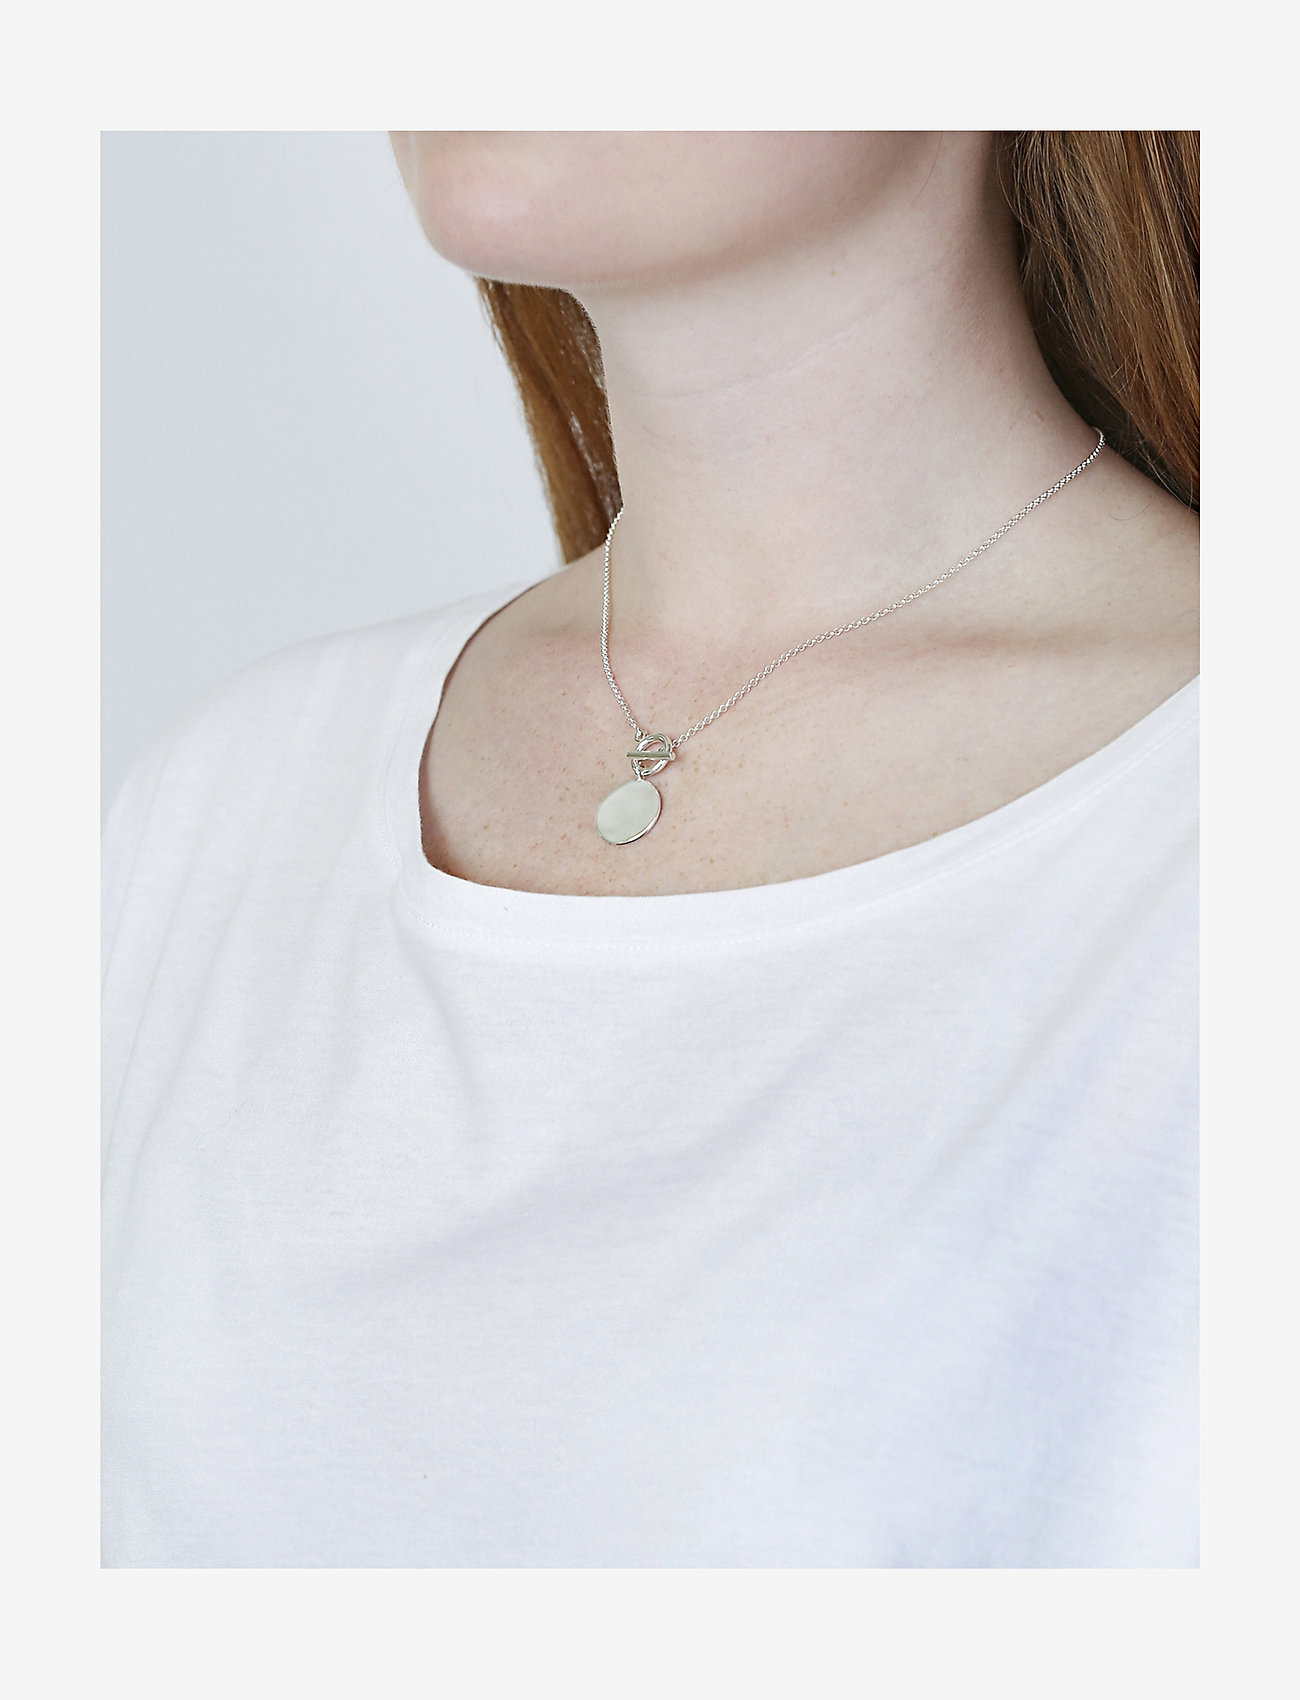 Syster P Links True Love Necklace Silver - Biżuteria SILVER - Akcesoria